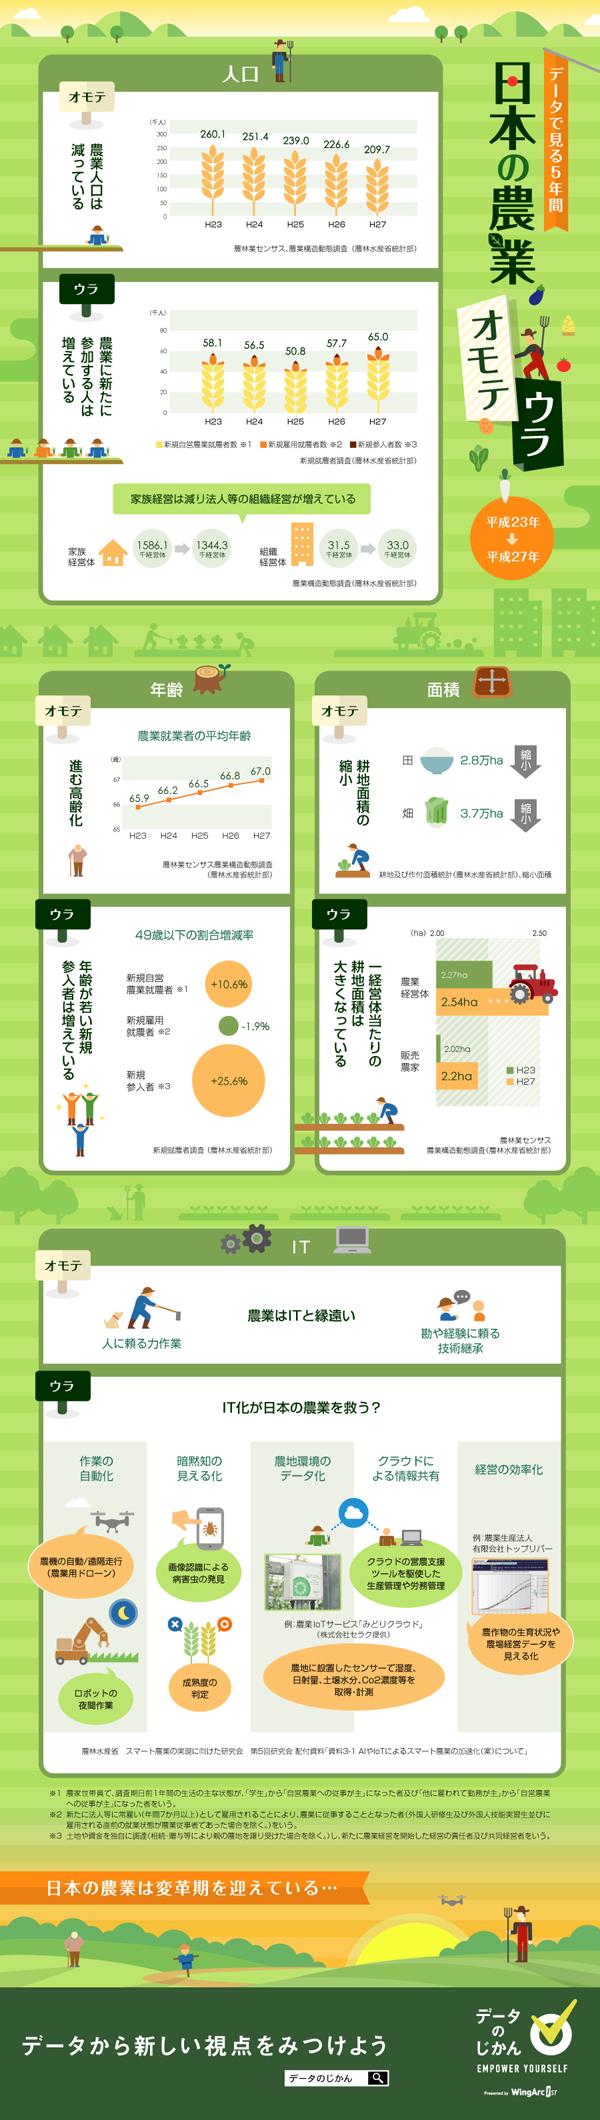 インフォグラフィック:農業の世界にIT化が浸透中。未来の農業は楽に始められる?